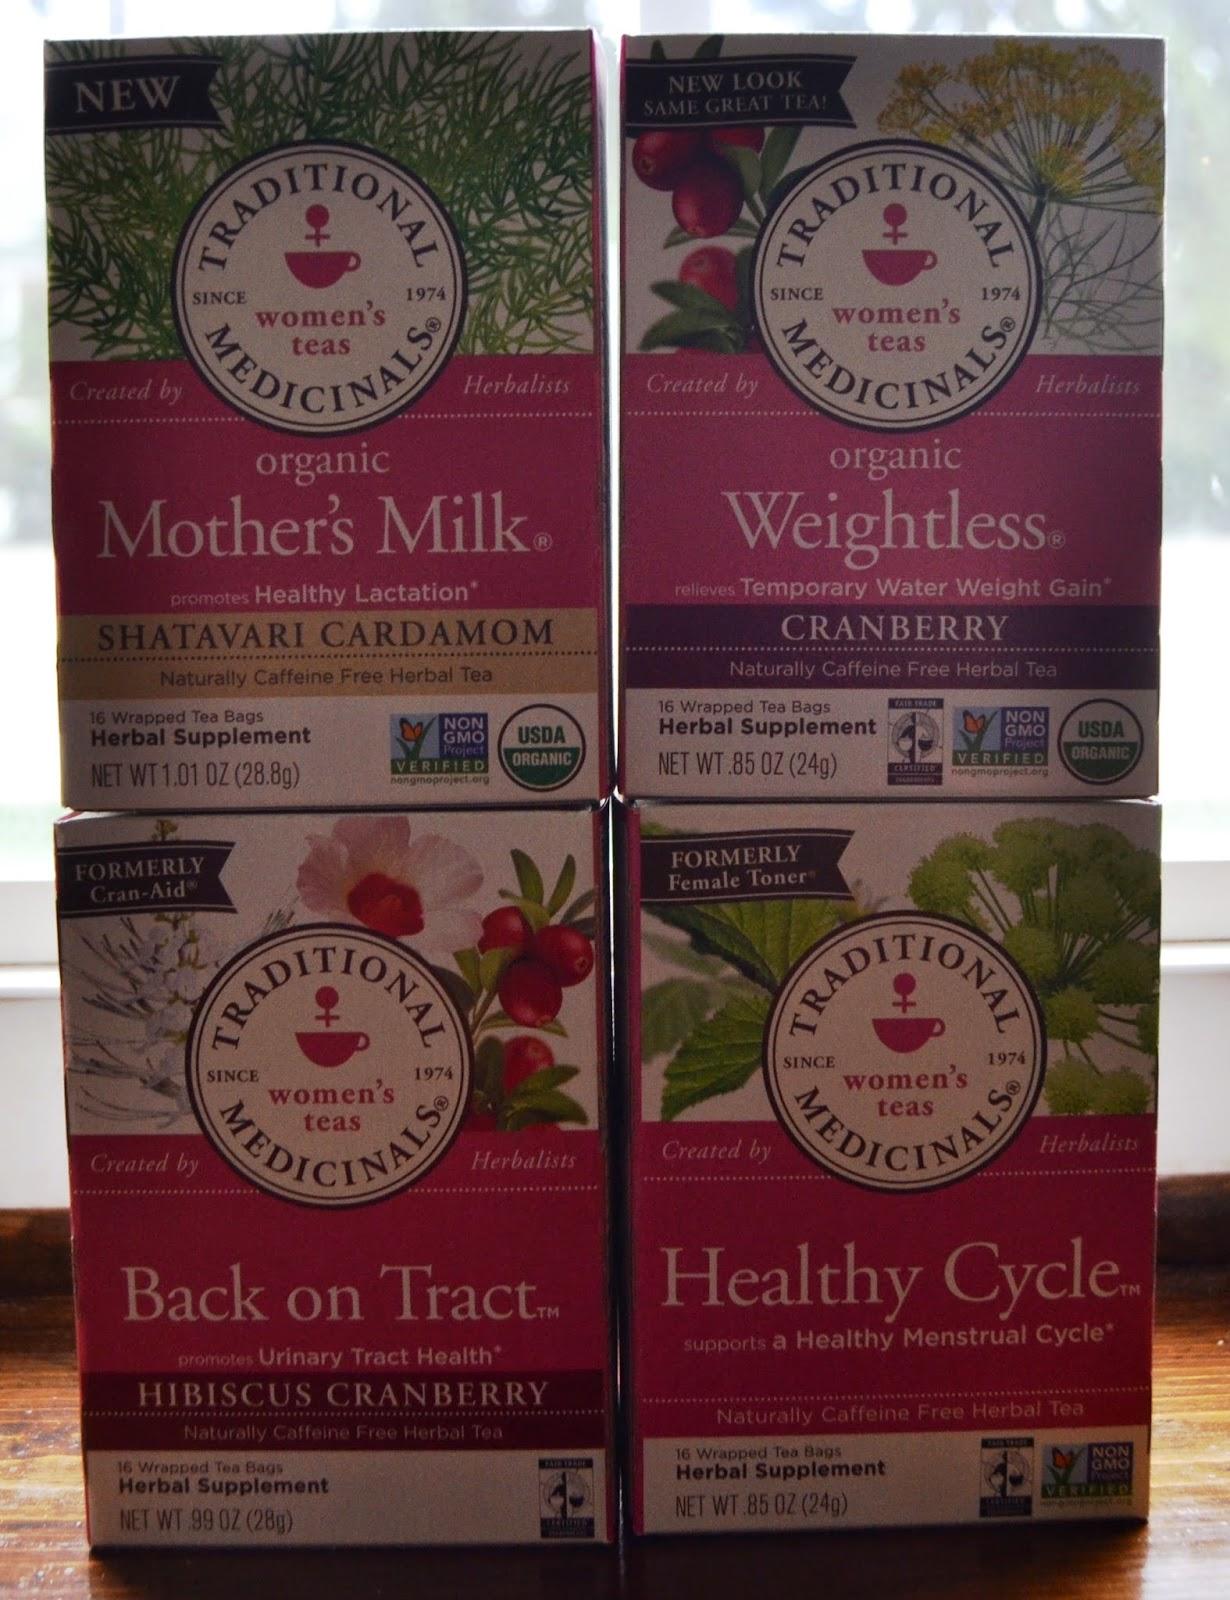 Traditional Medicinals Women's Teas